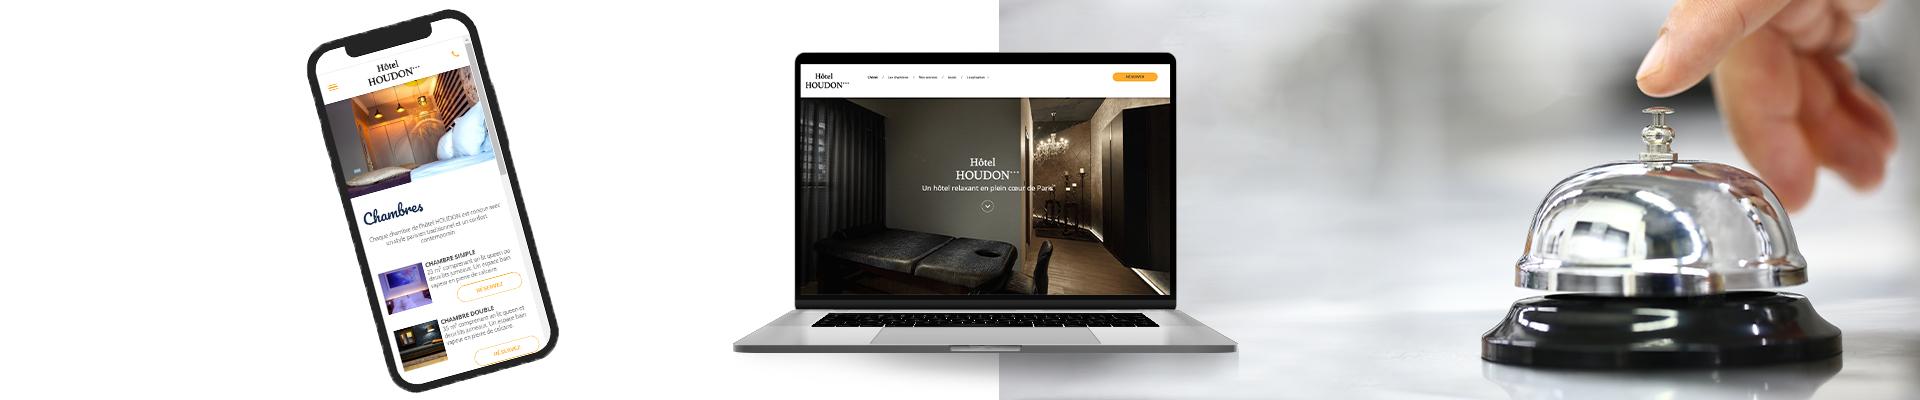 création d'un site web pour un hôtel